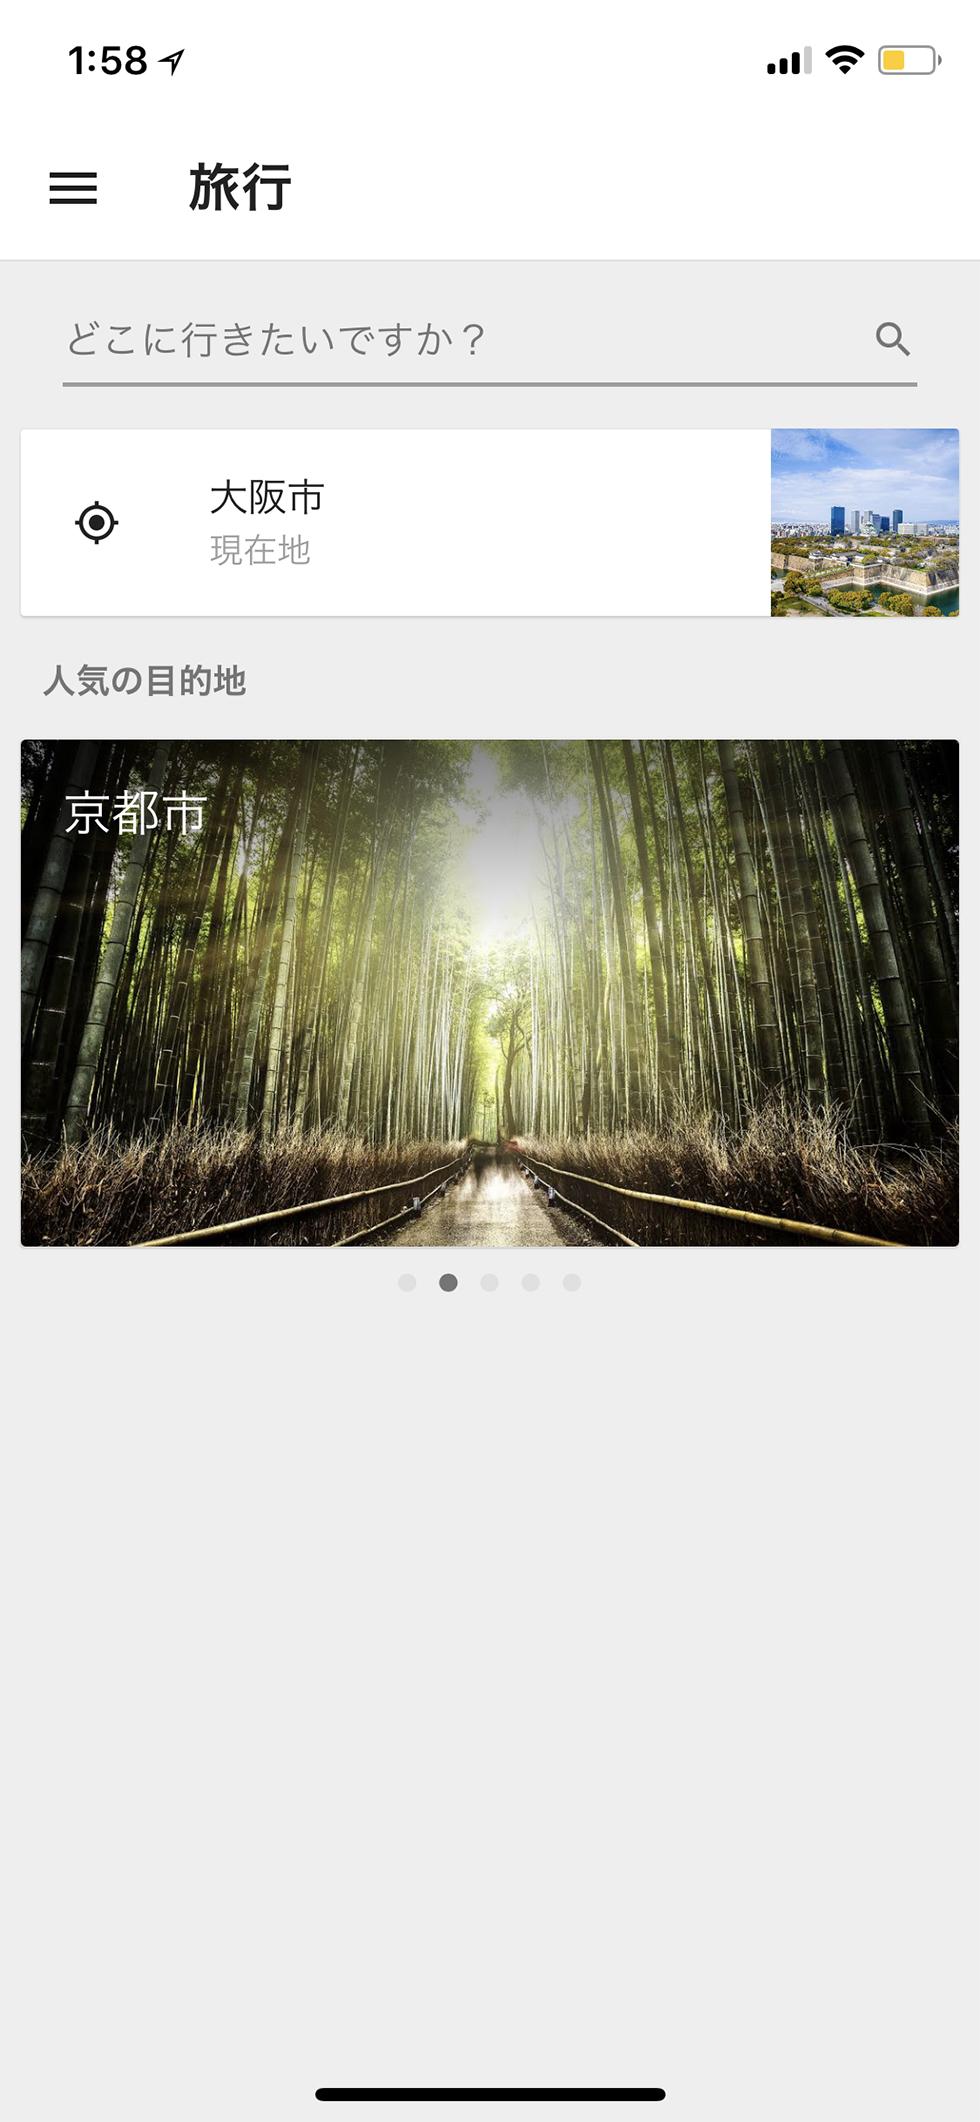 旅に役立つ便利なアプリGoogle Trips活用法